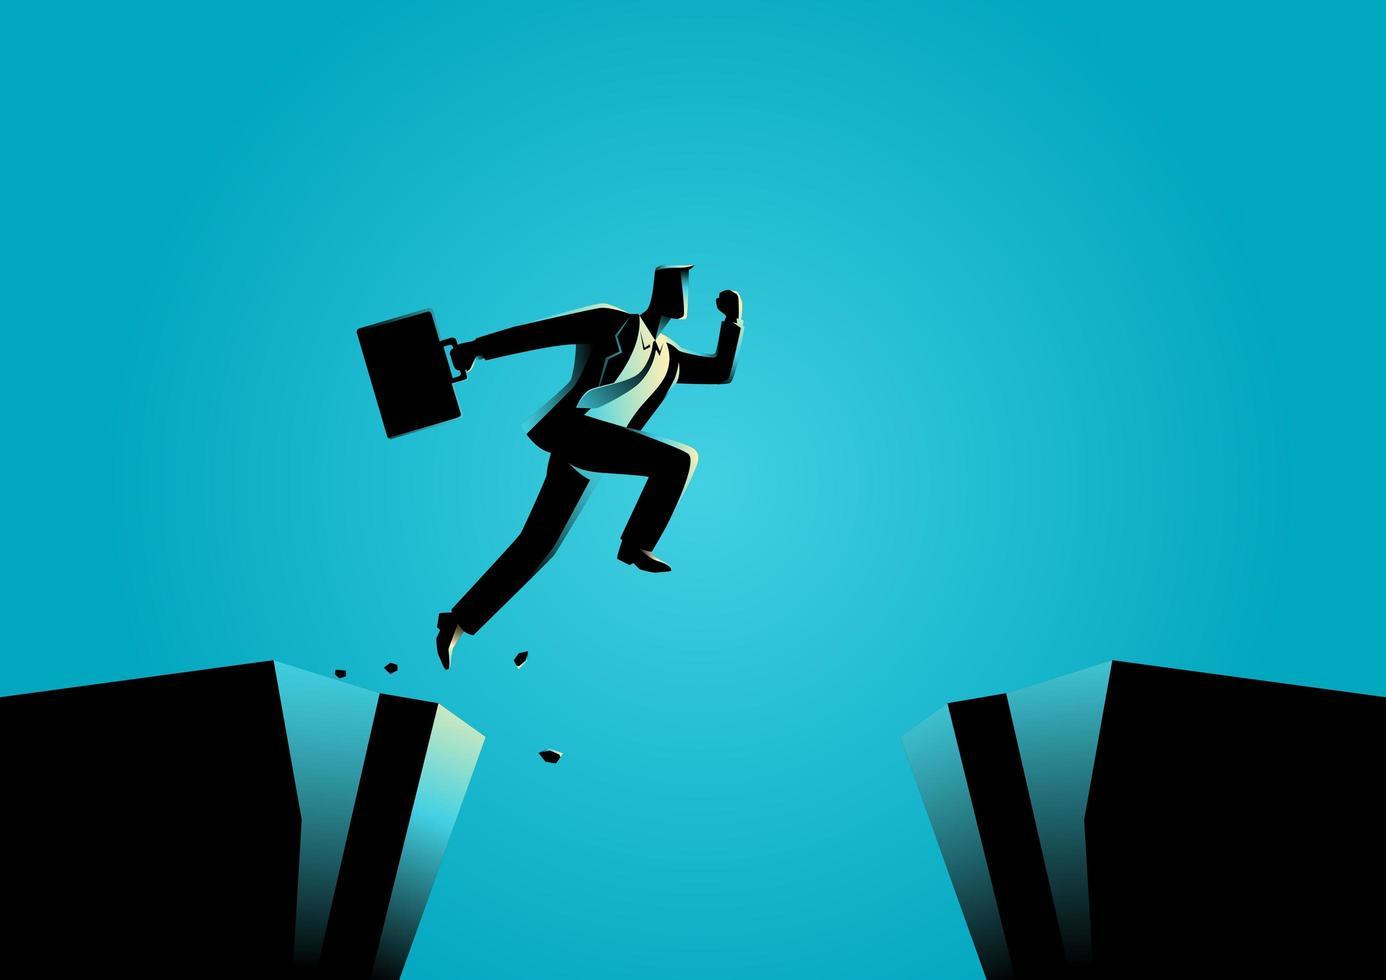 ravina de salto de silhueta de empresário vetor